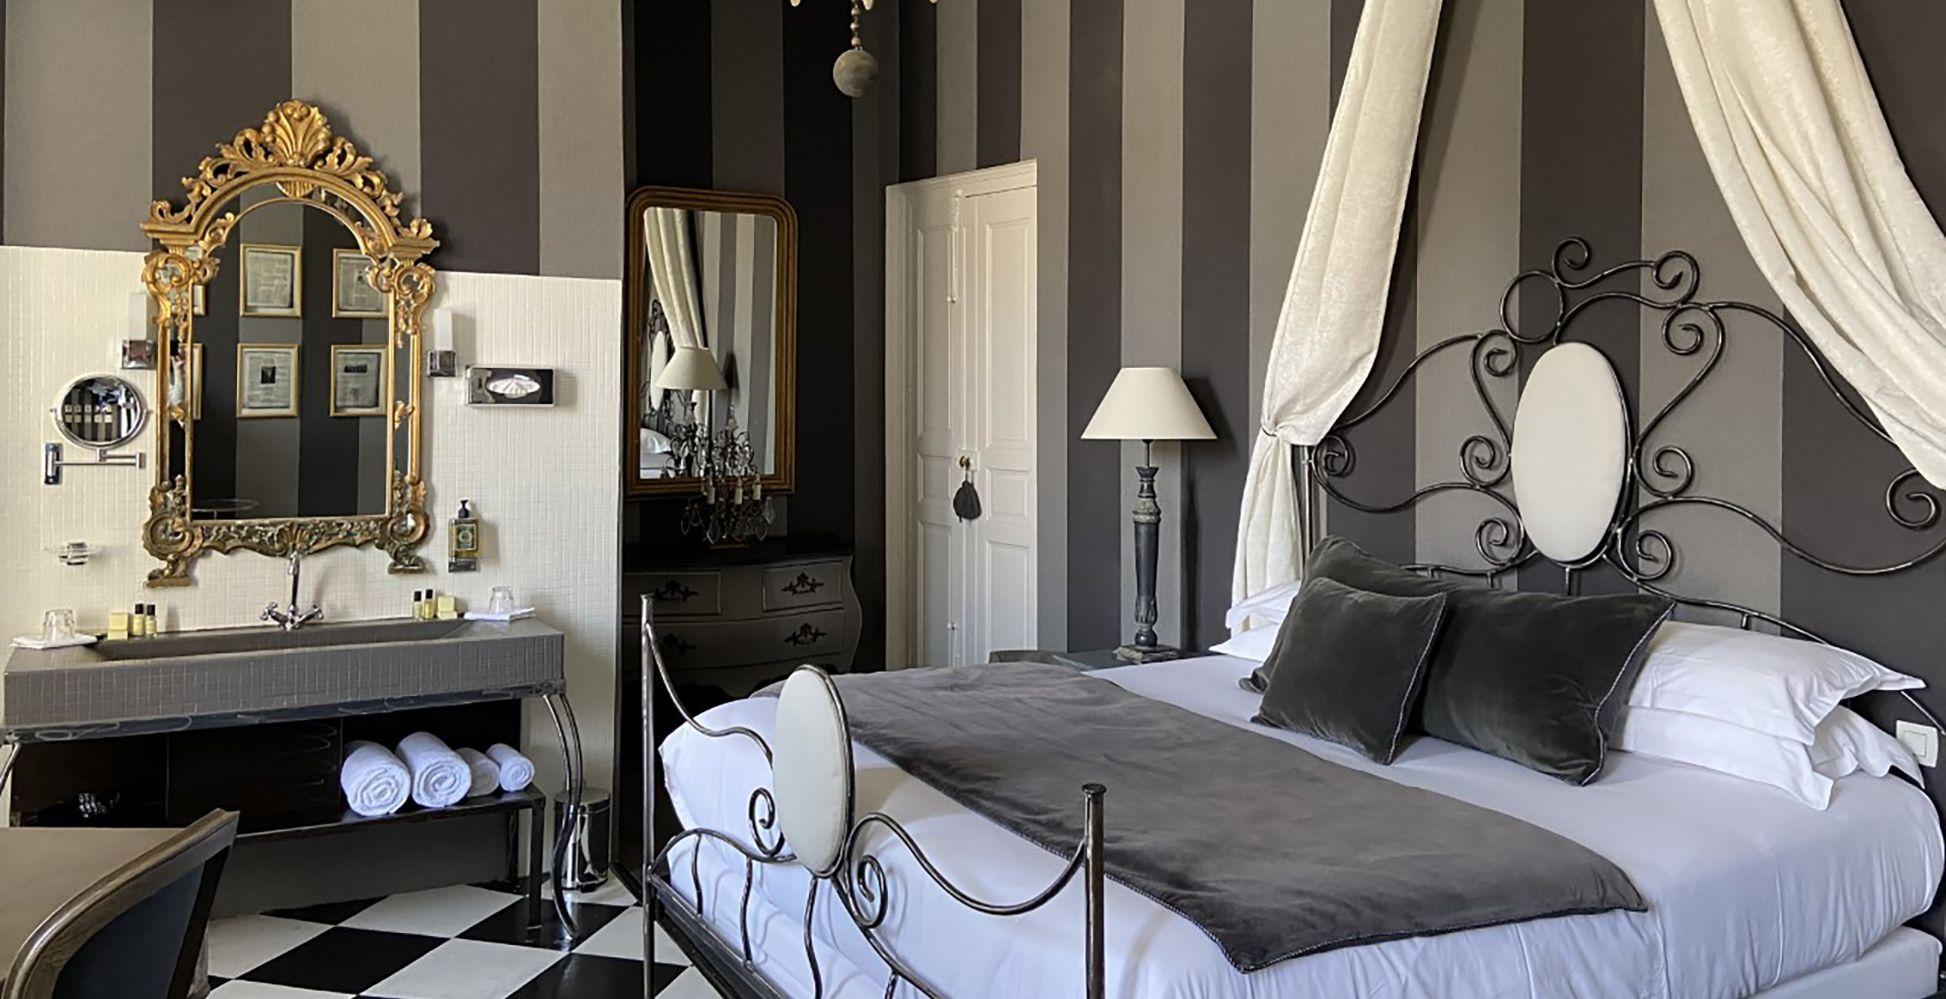 Hotel-Gounod-slider-accueil.jpg